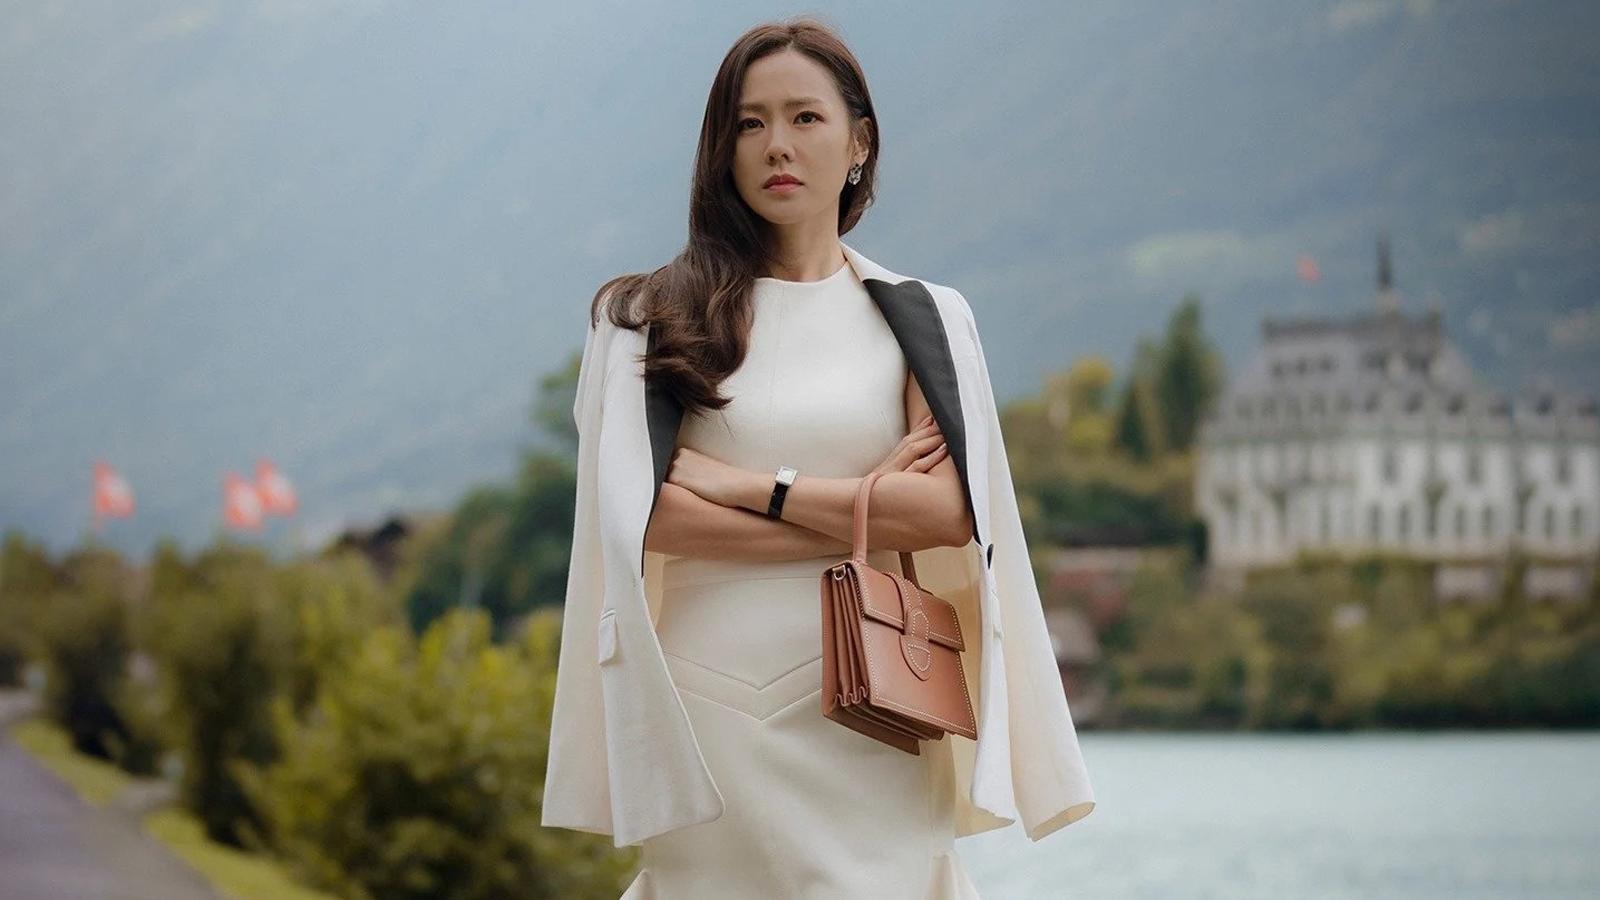 Son Ye Jin phối đồ với đầm trắng, áo khoác trắng, xách túi nâu trong Crash Landing On You